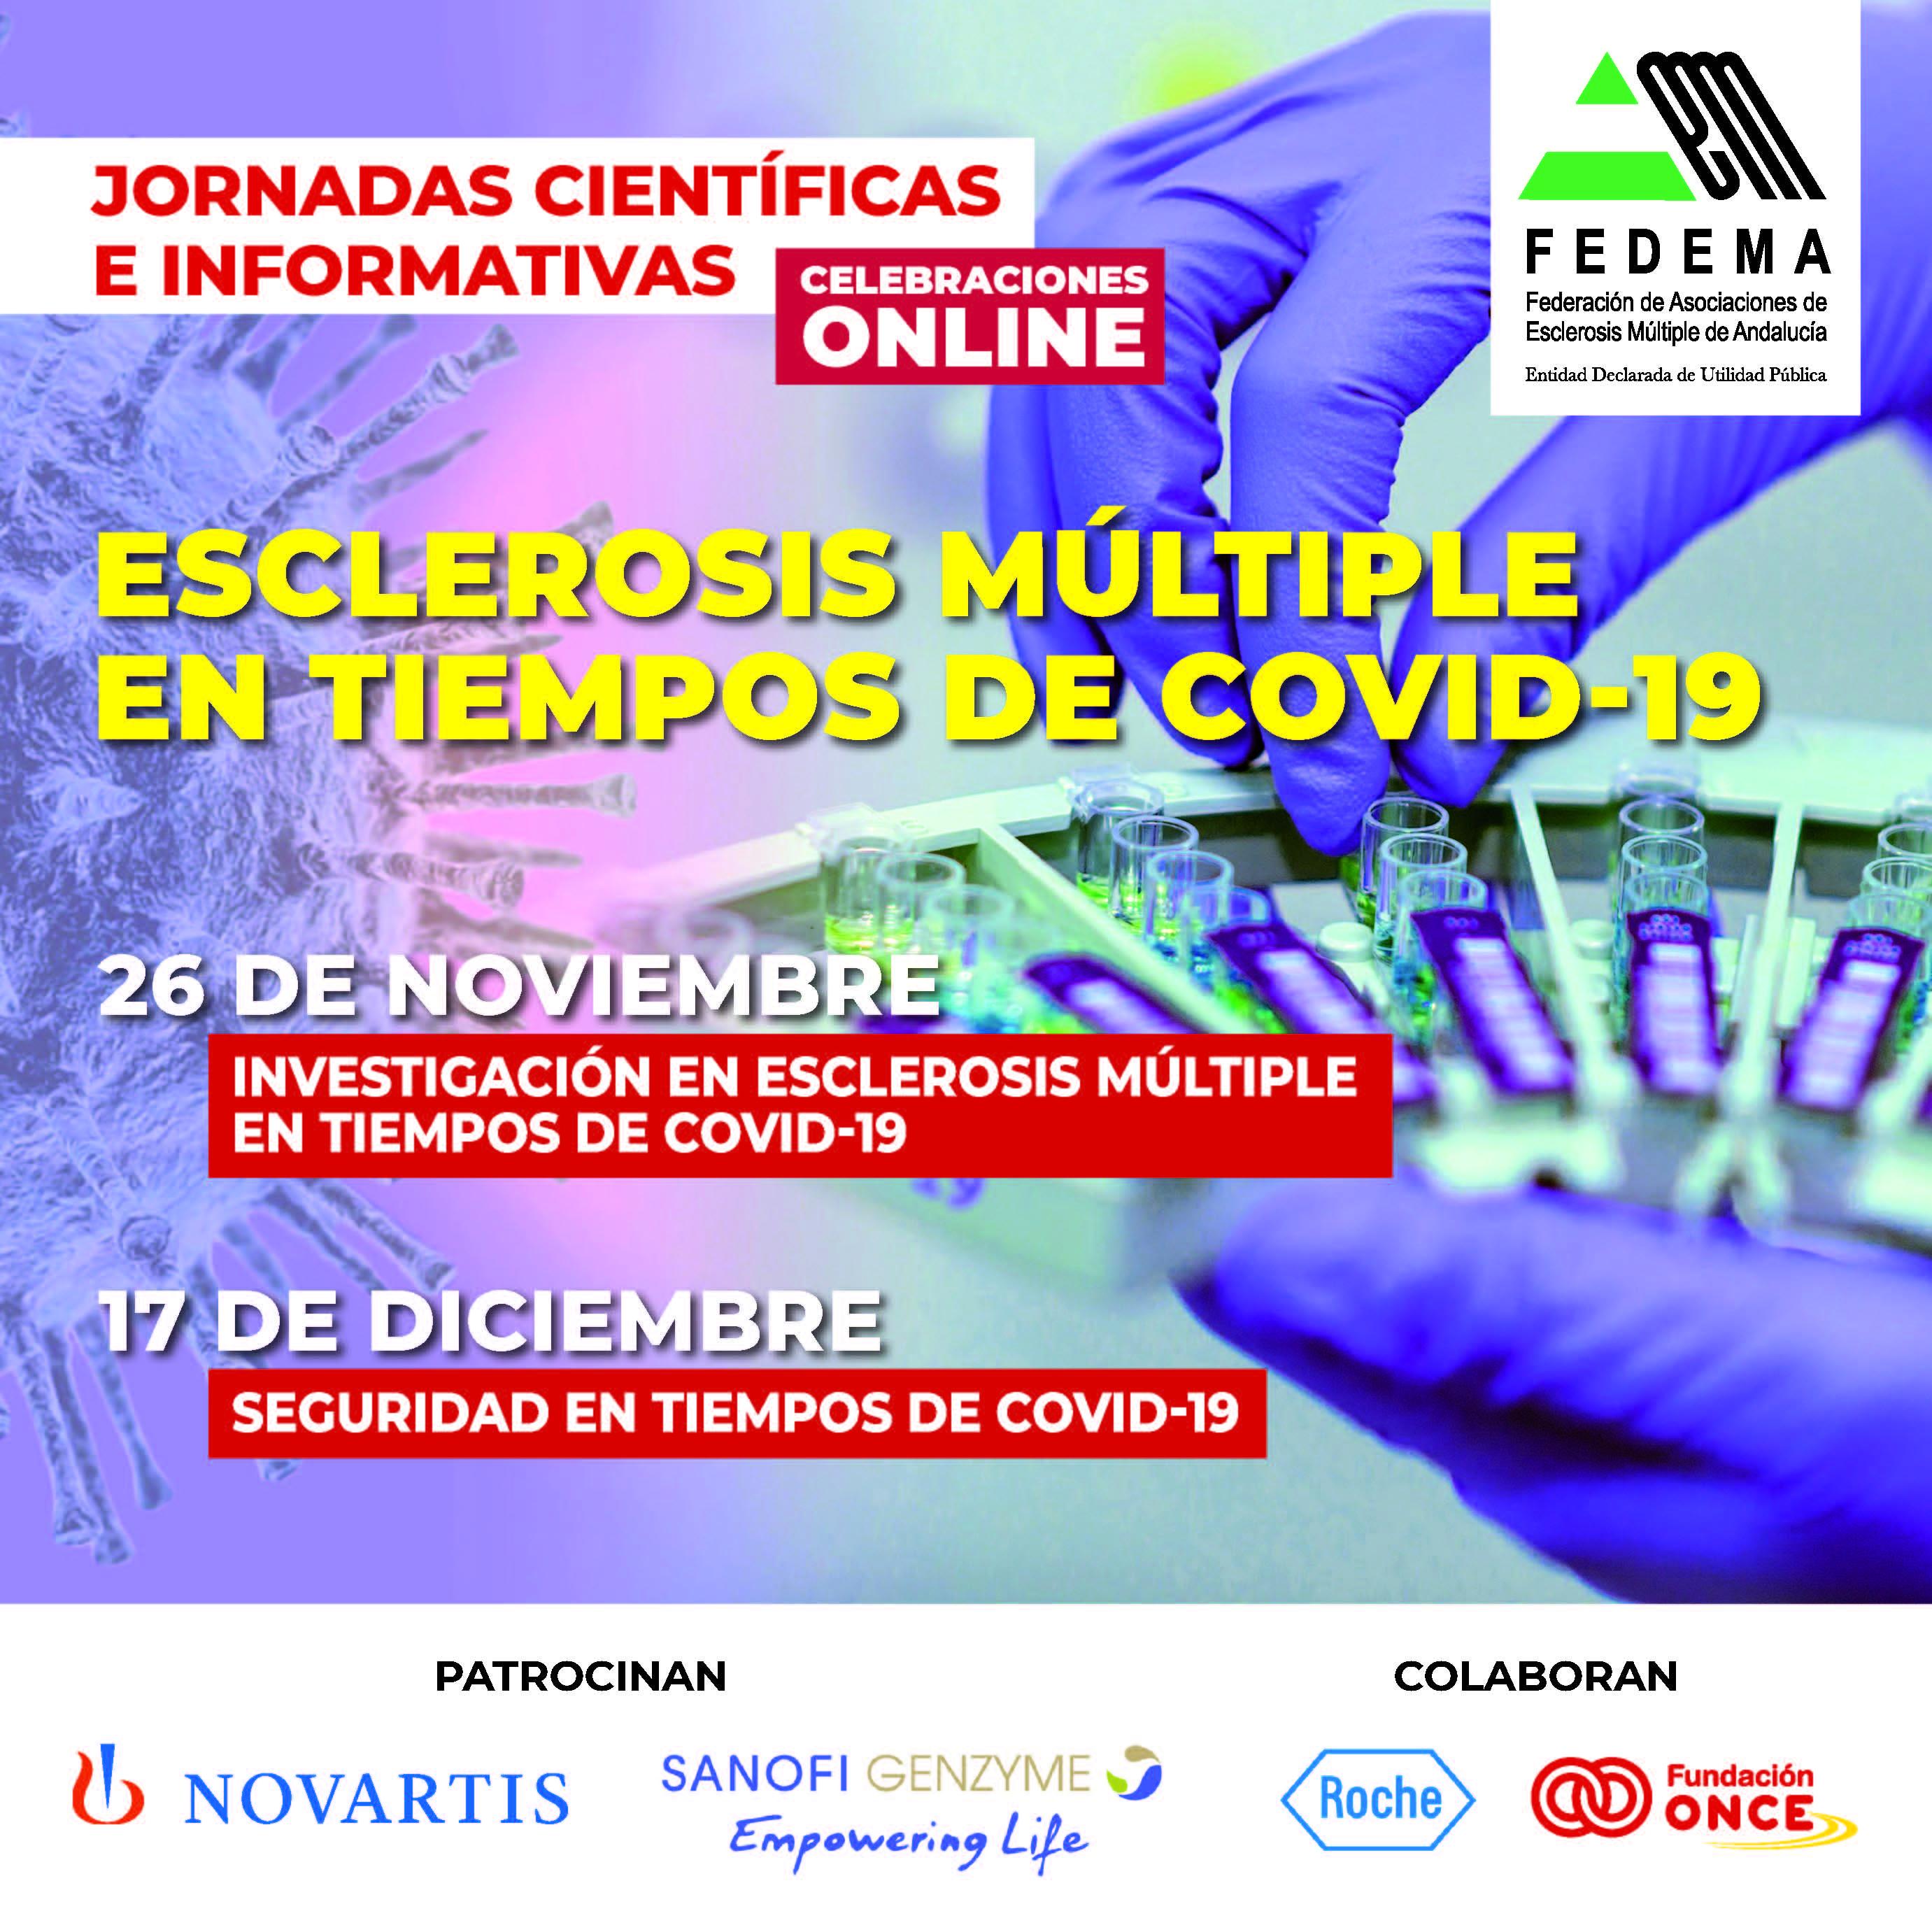 jornadas cientificas fedema noviembre y diciembre 2020 (1).jpg